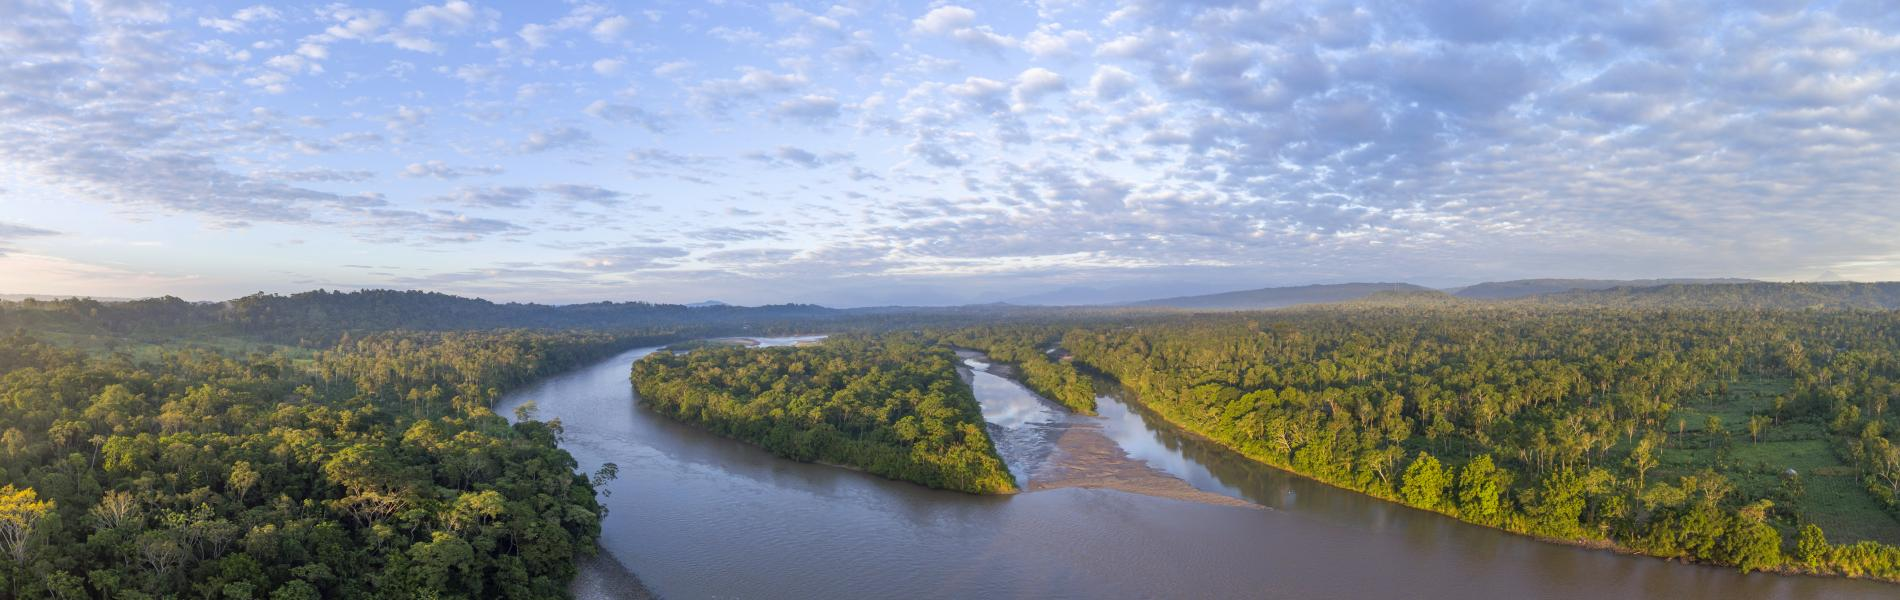 KPU - The Amazon Interdisciplinary Field School - 2020